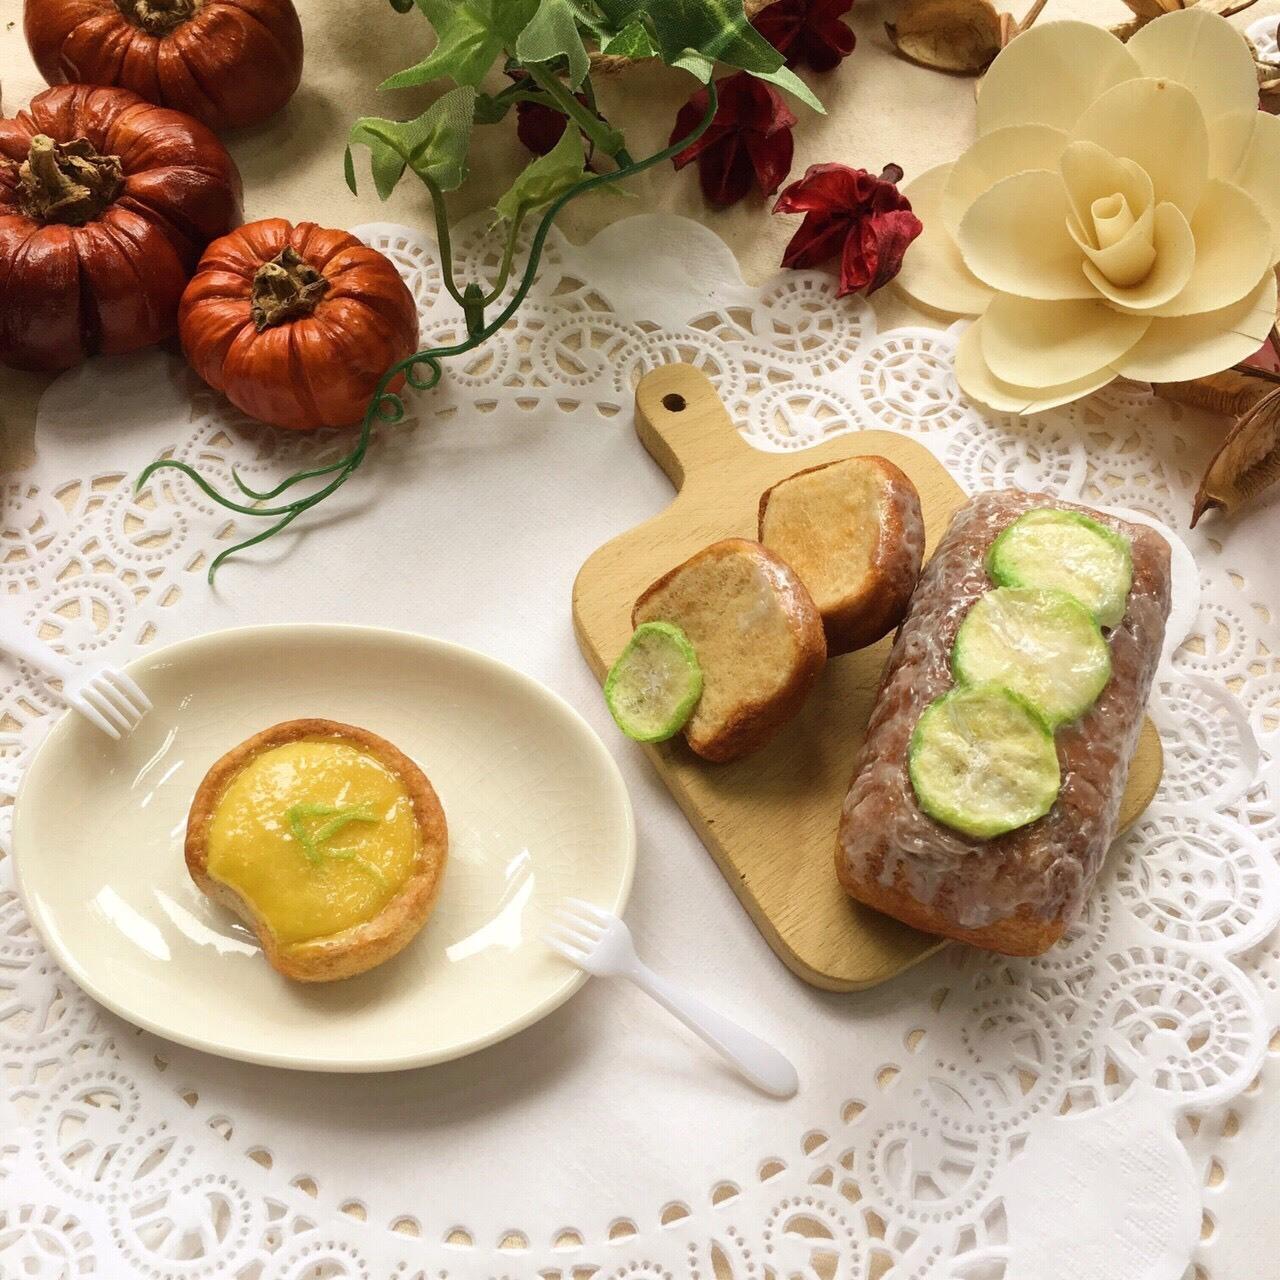 檸檬磅蛋糕及檸檬塔.jpg